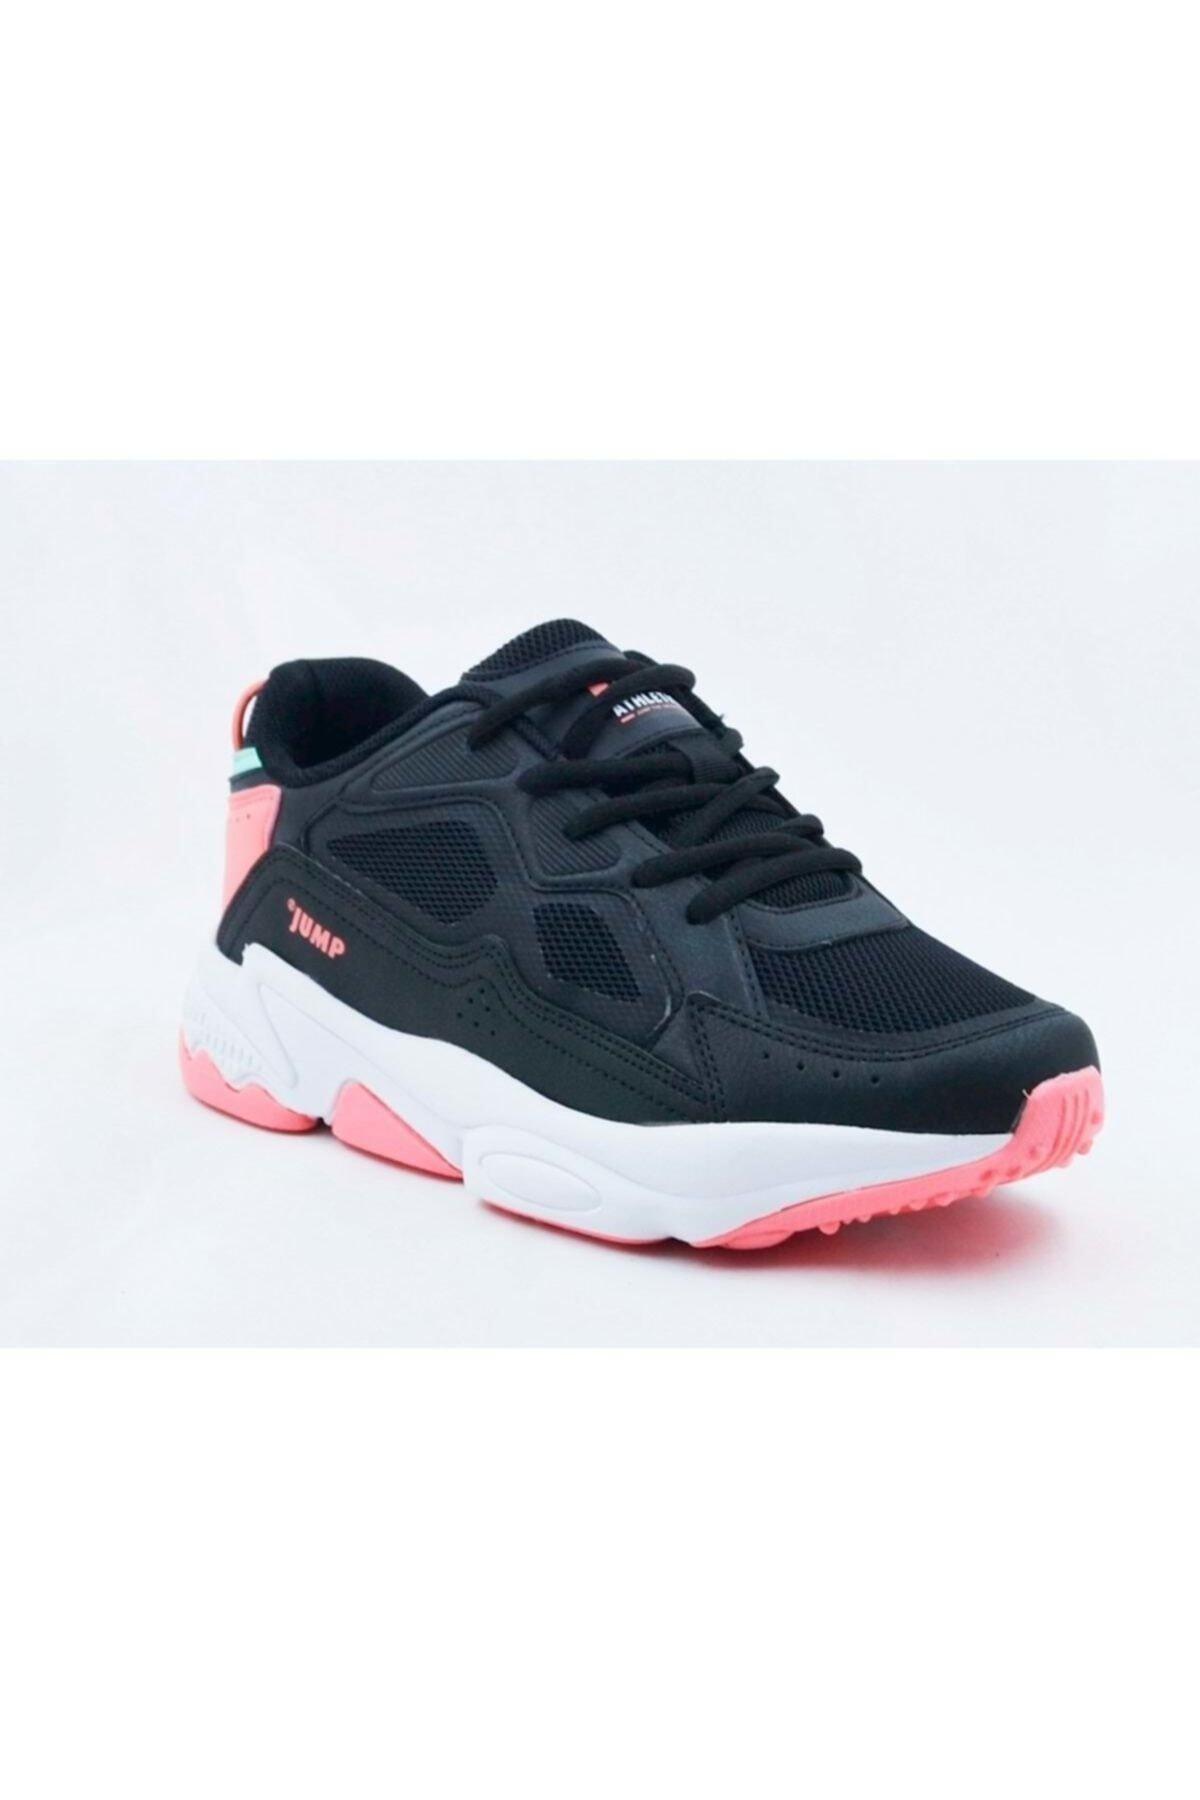 Jump Kadın Siyah Spor Ayakkabı 24711 1